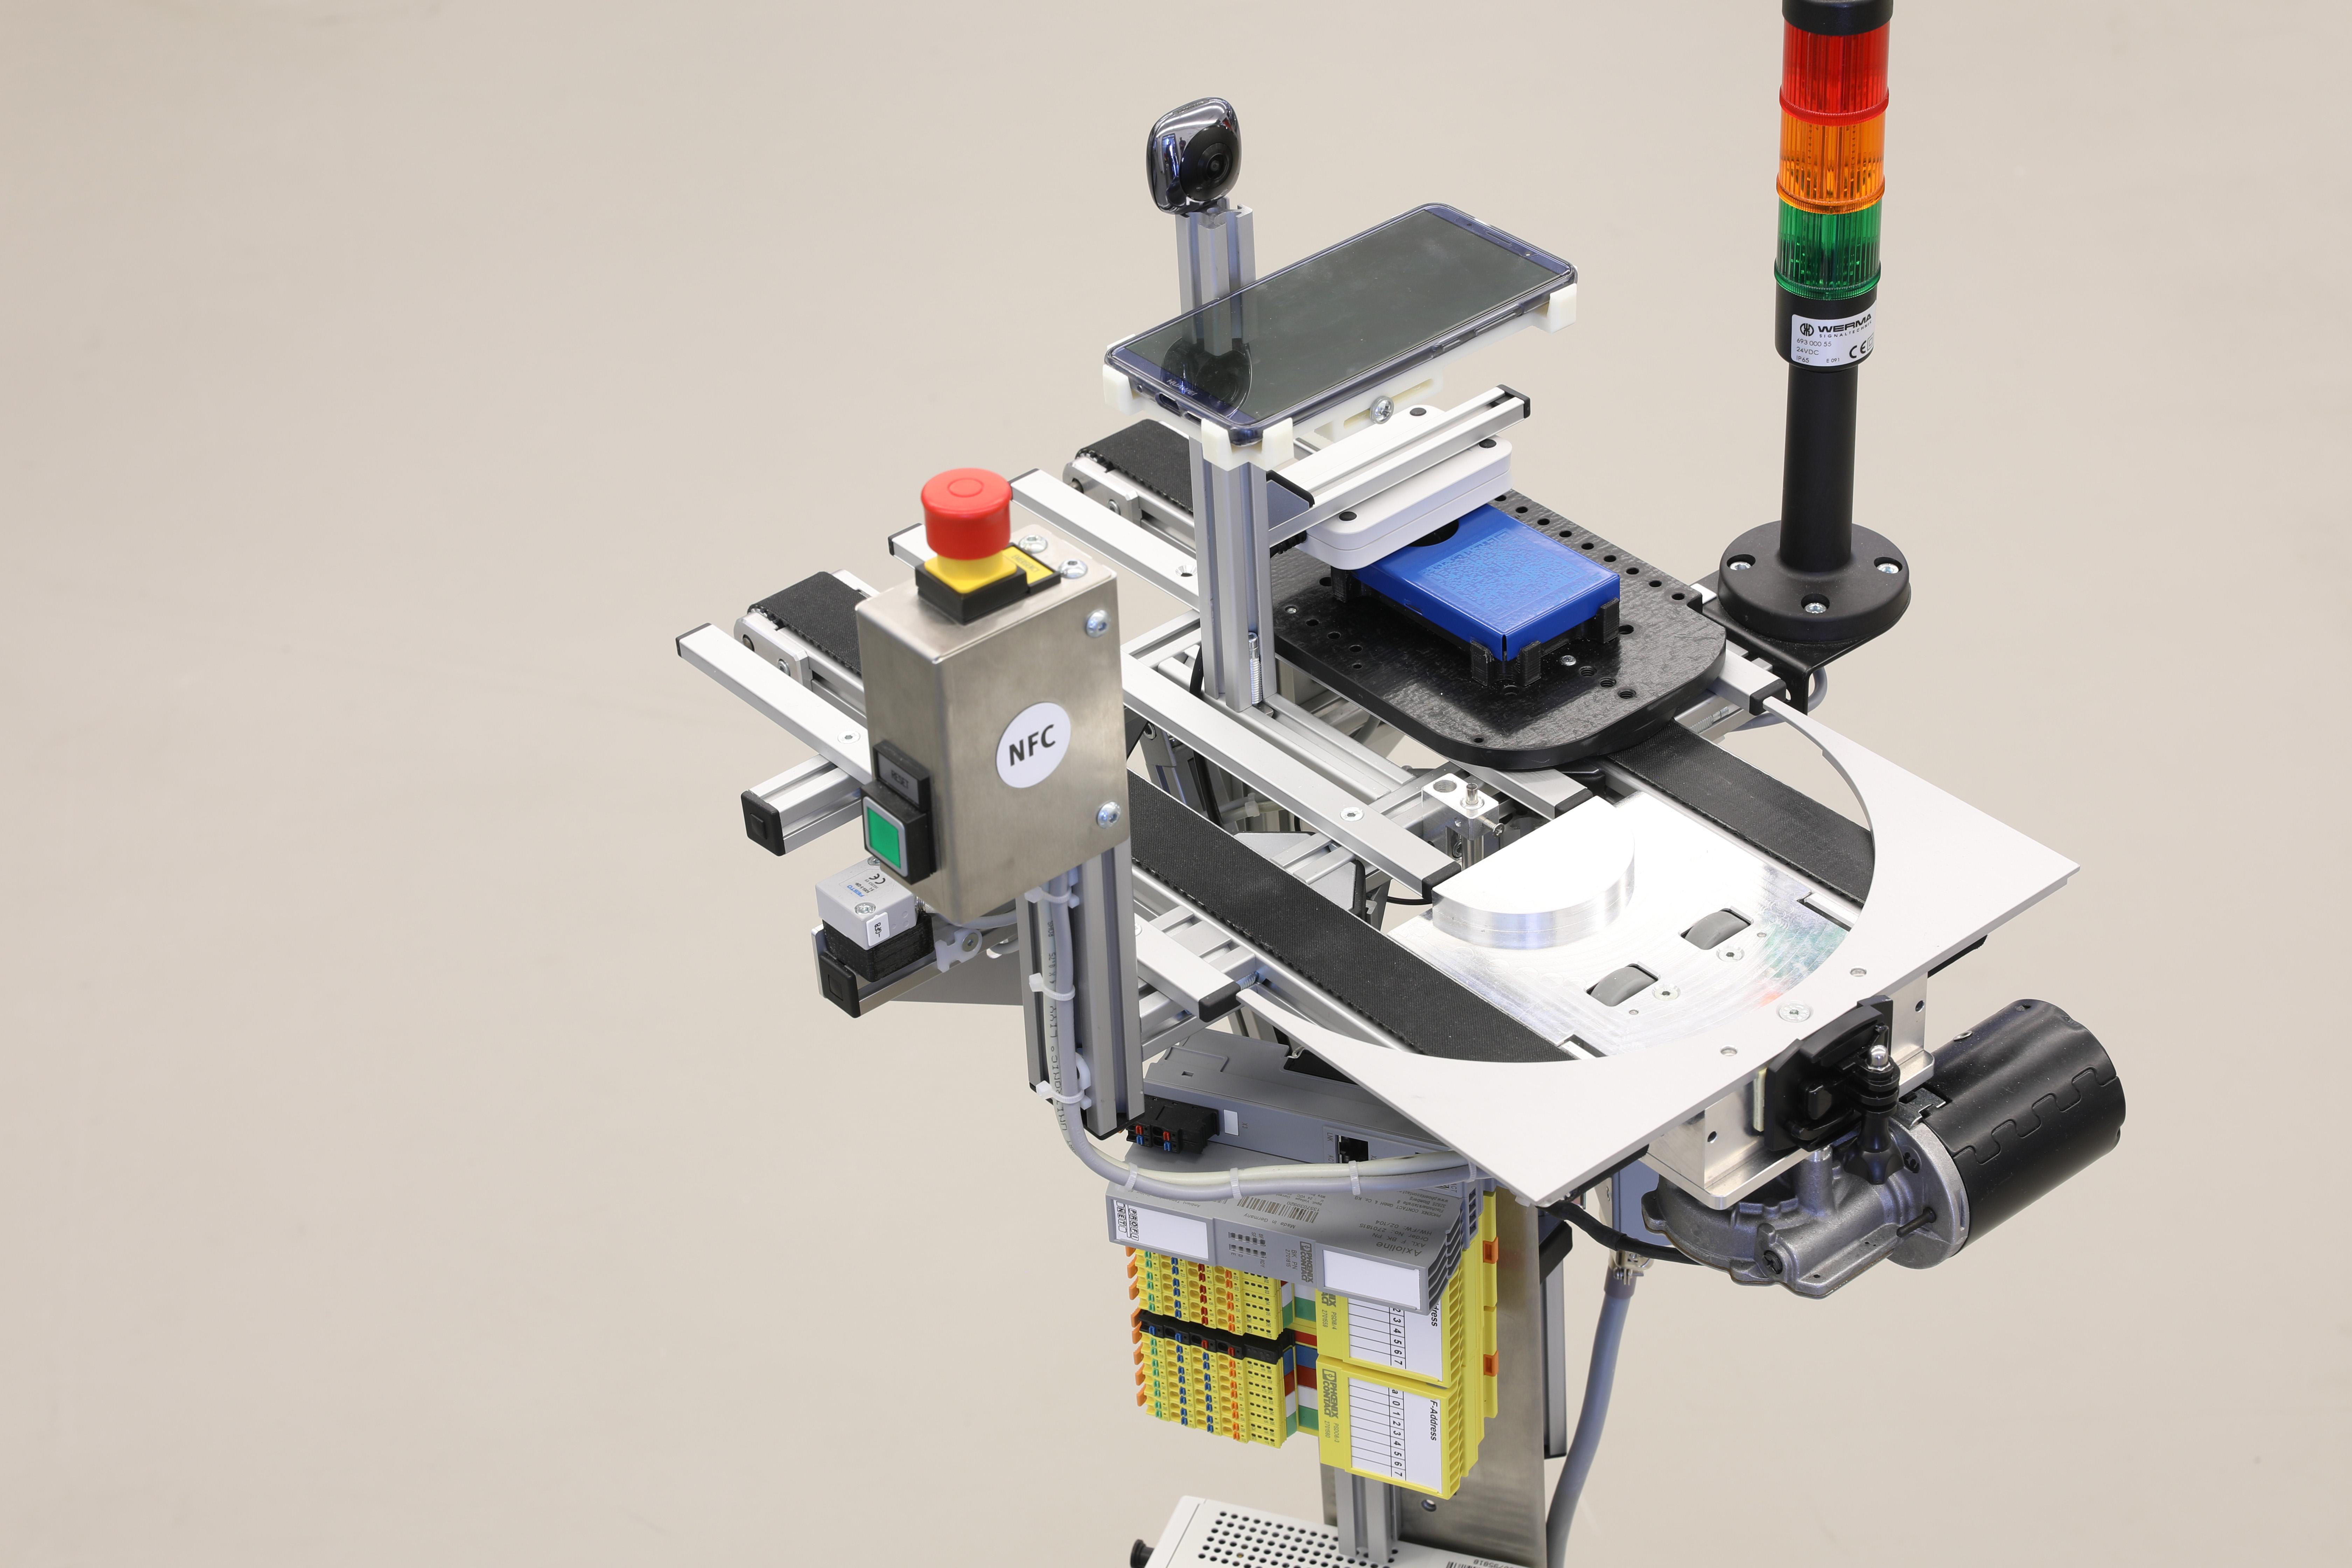 Kameras zur optischen Qualitätsprüfung